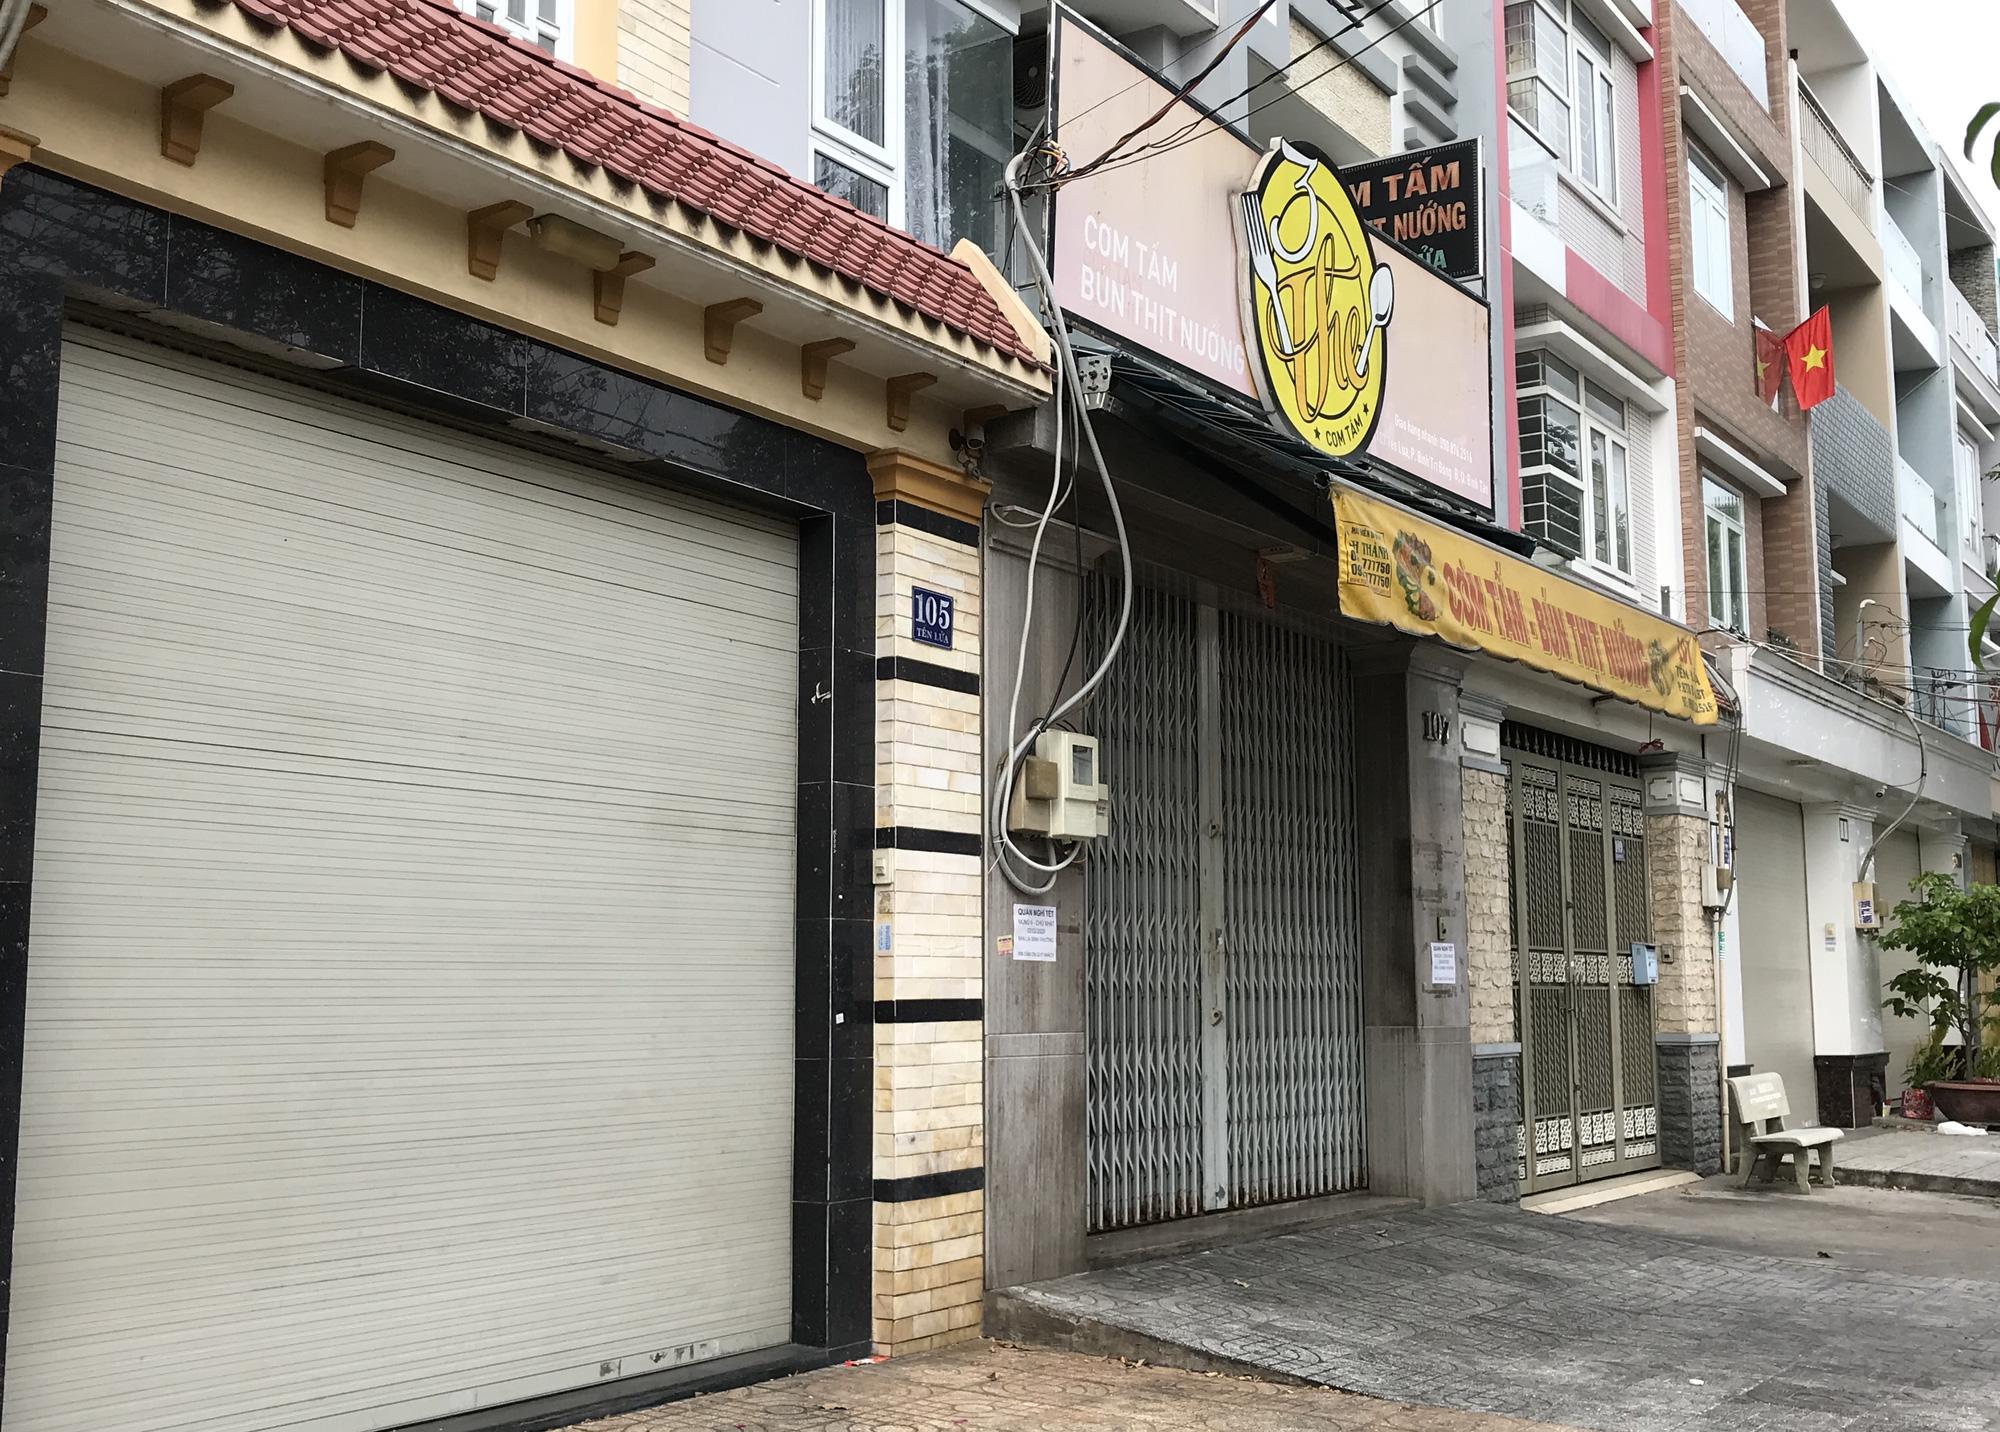 Hàng quán Sài Gòn còn ăn Tết, đóng cửa im ỉm, chưa khai trương dù đã bước qua mùng 7 - Ảnh 1.